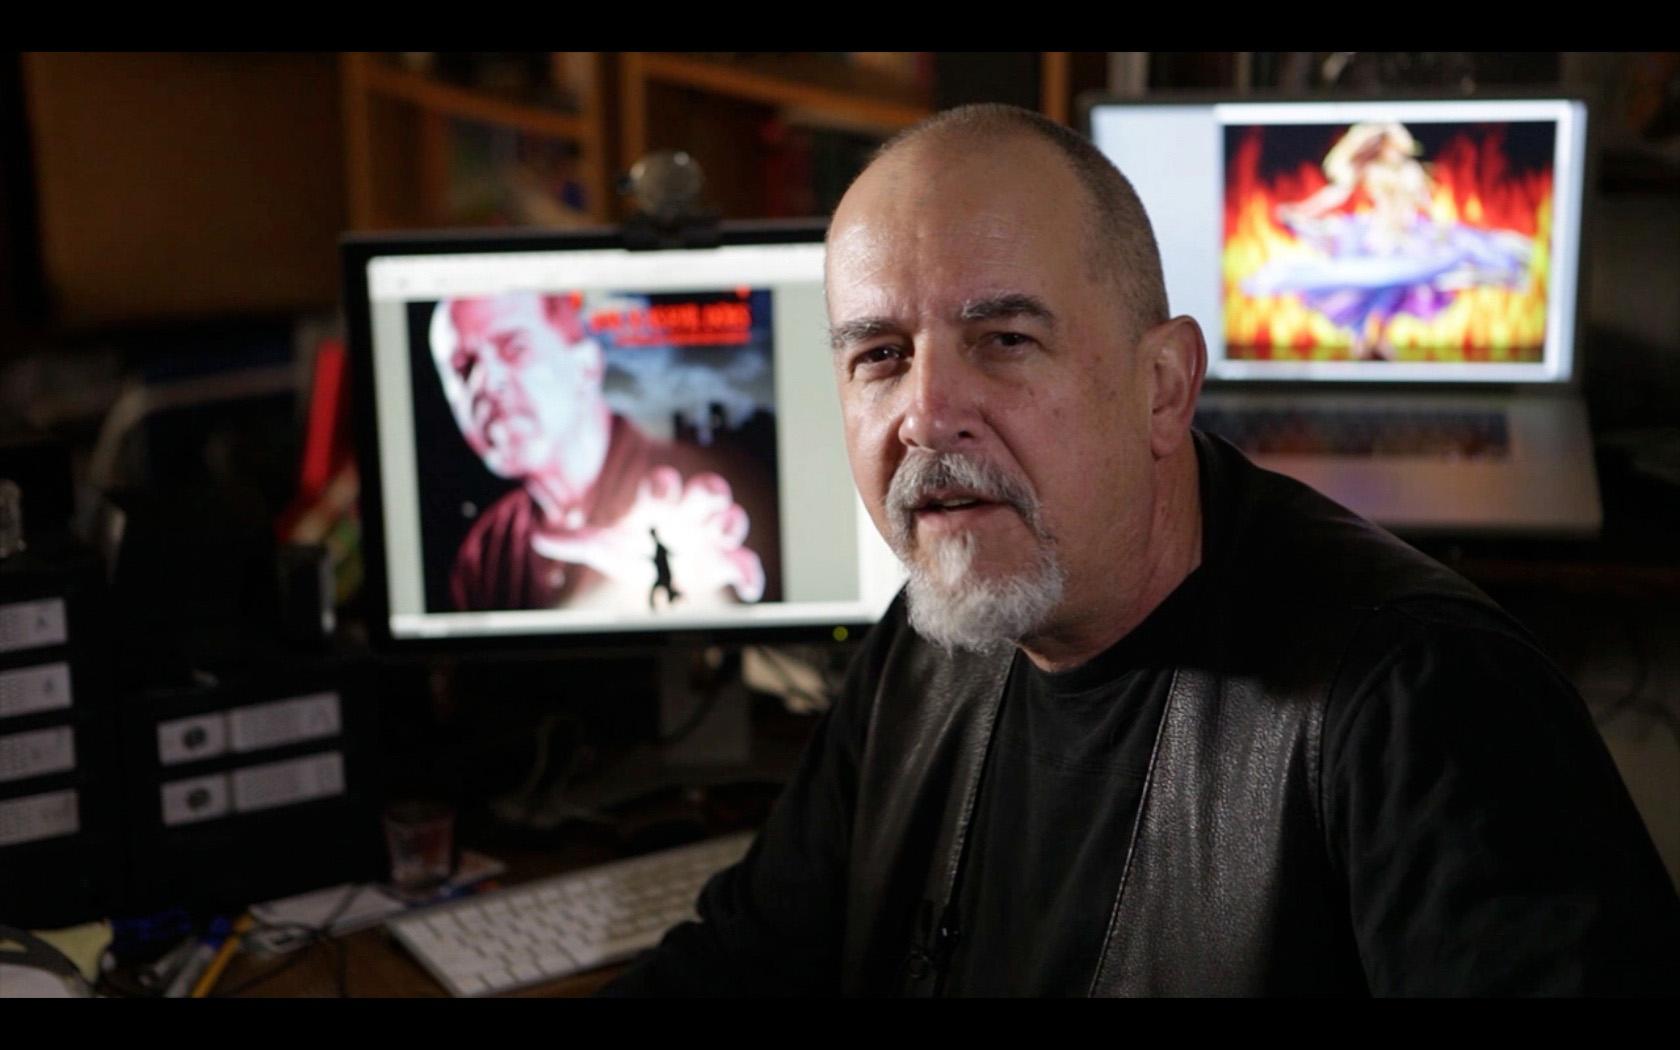 Lee at Computer